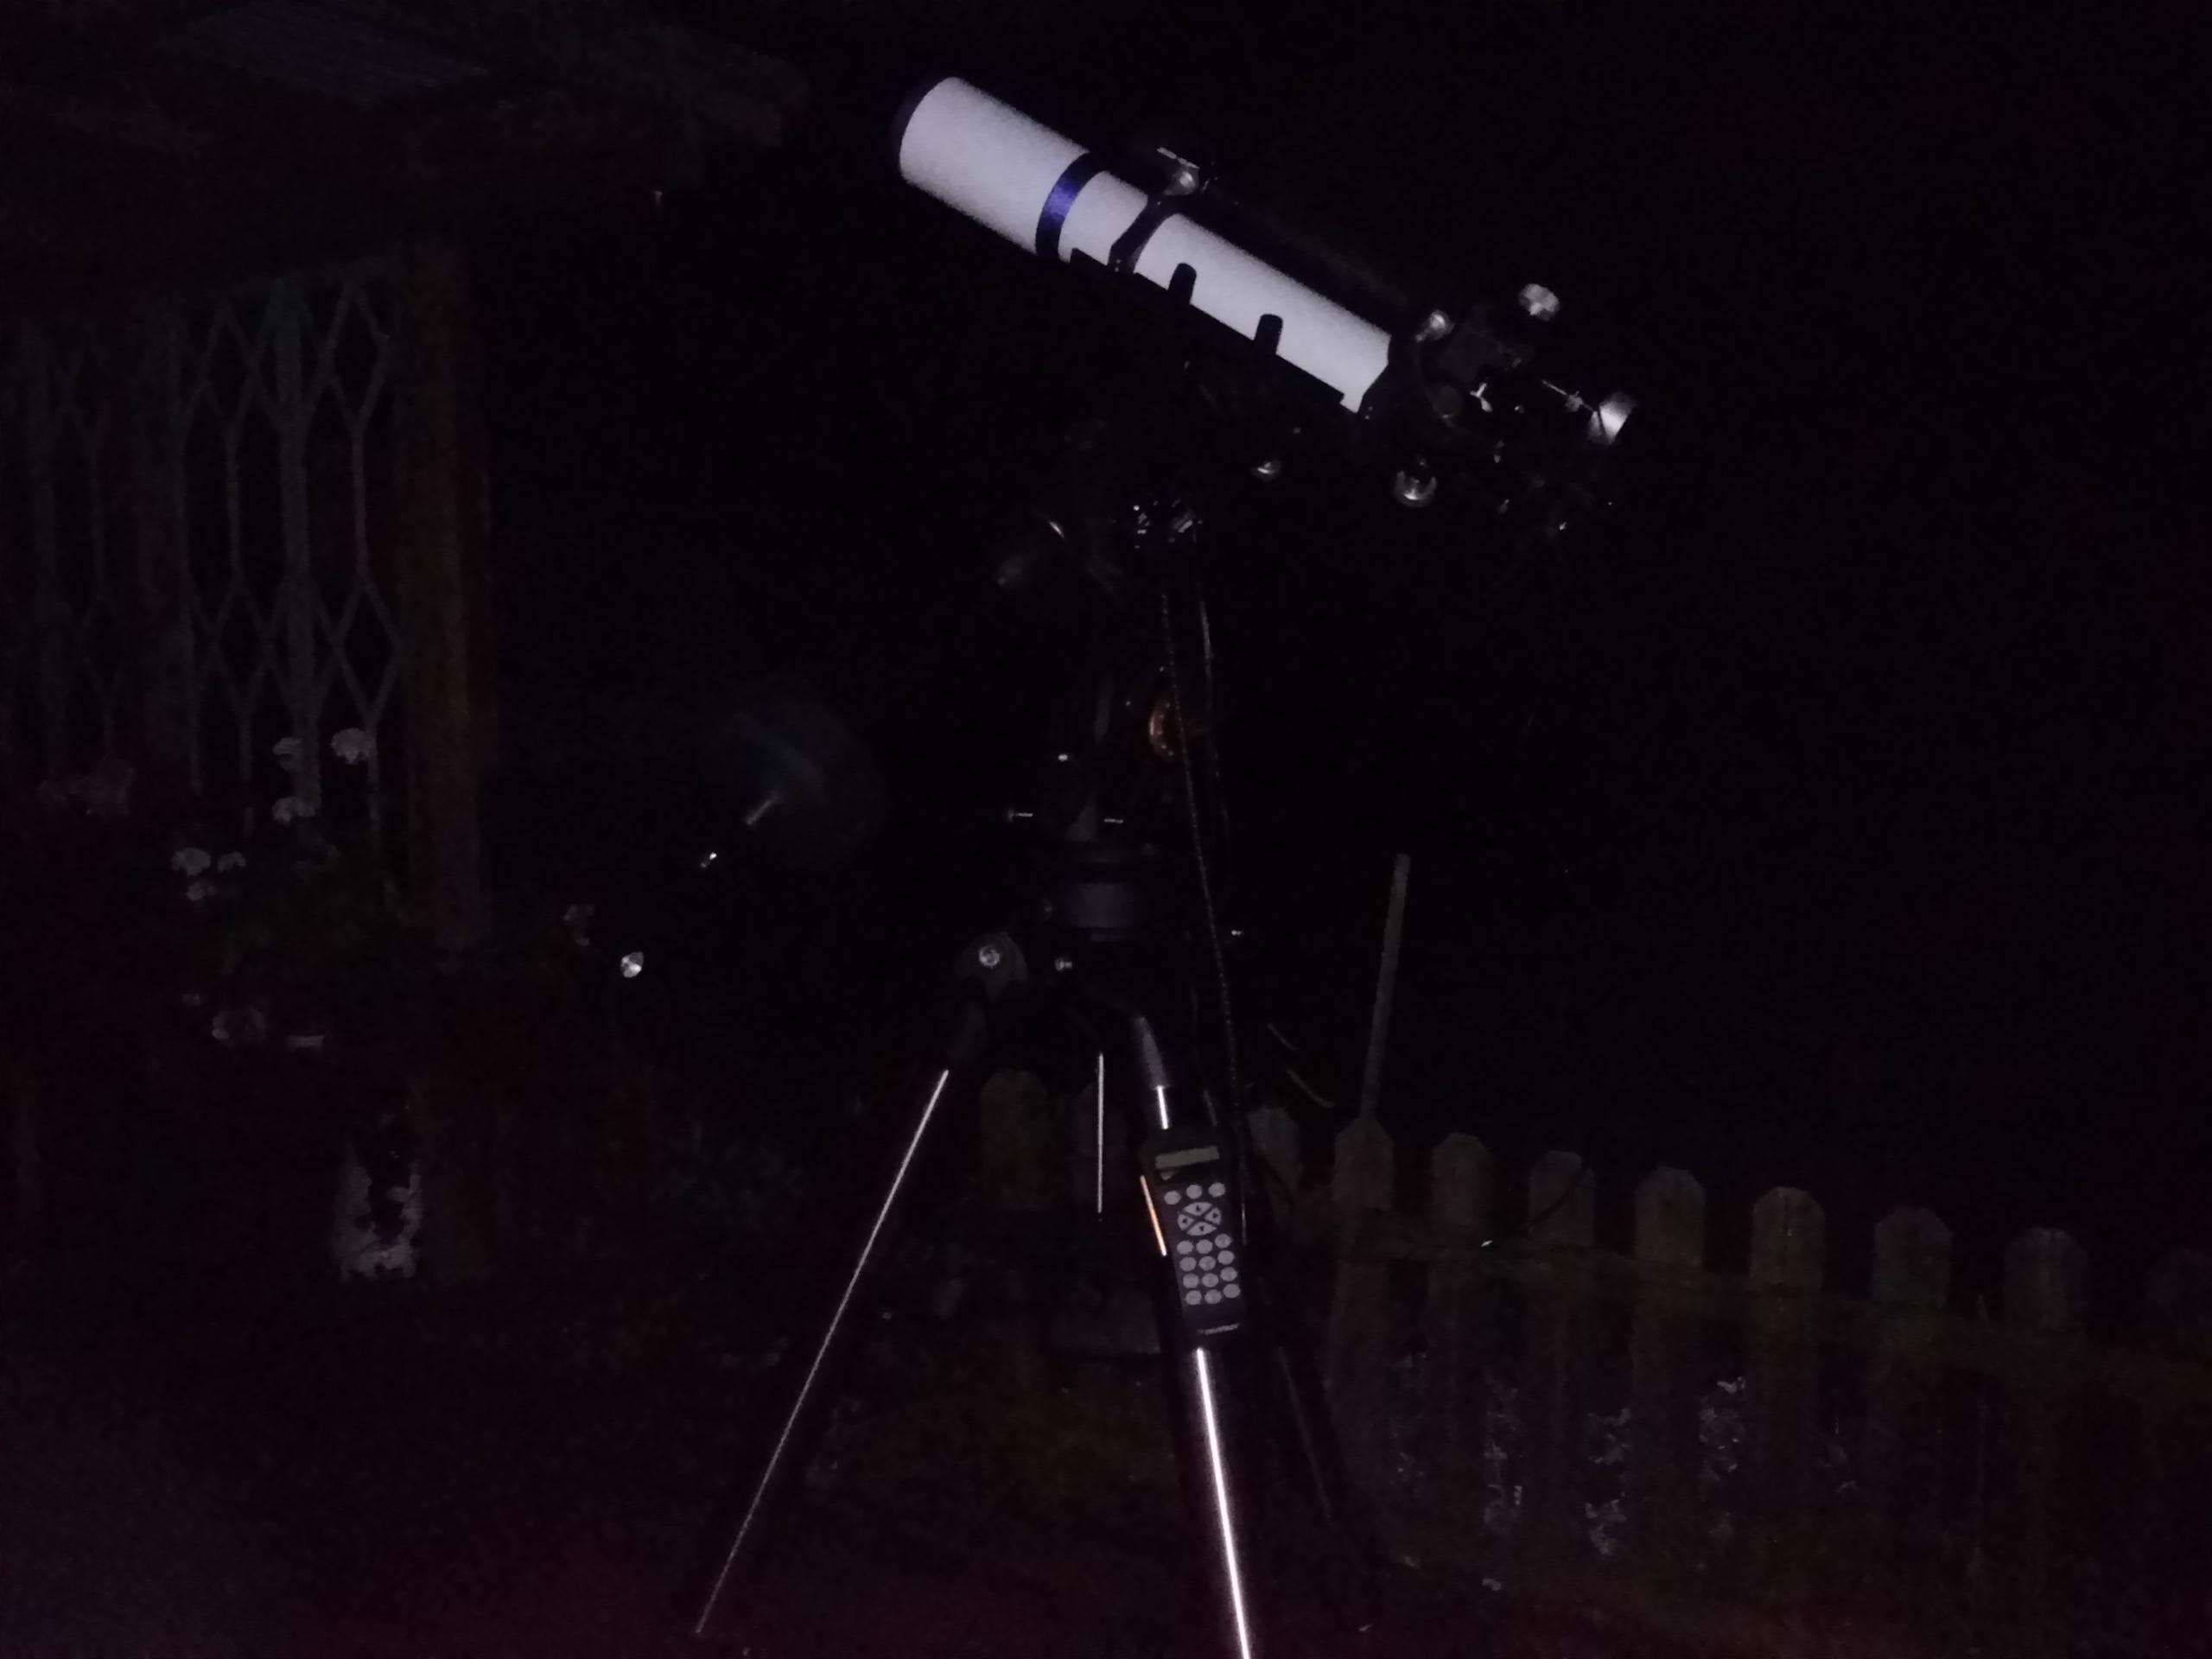 Det går snabbt att komma i astrofotoläge - om nu inte himlen mulnar bakom ett blött dis förstås. Celestron CGEM DX-monteringen uppsatt och utrullad.